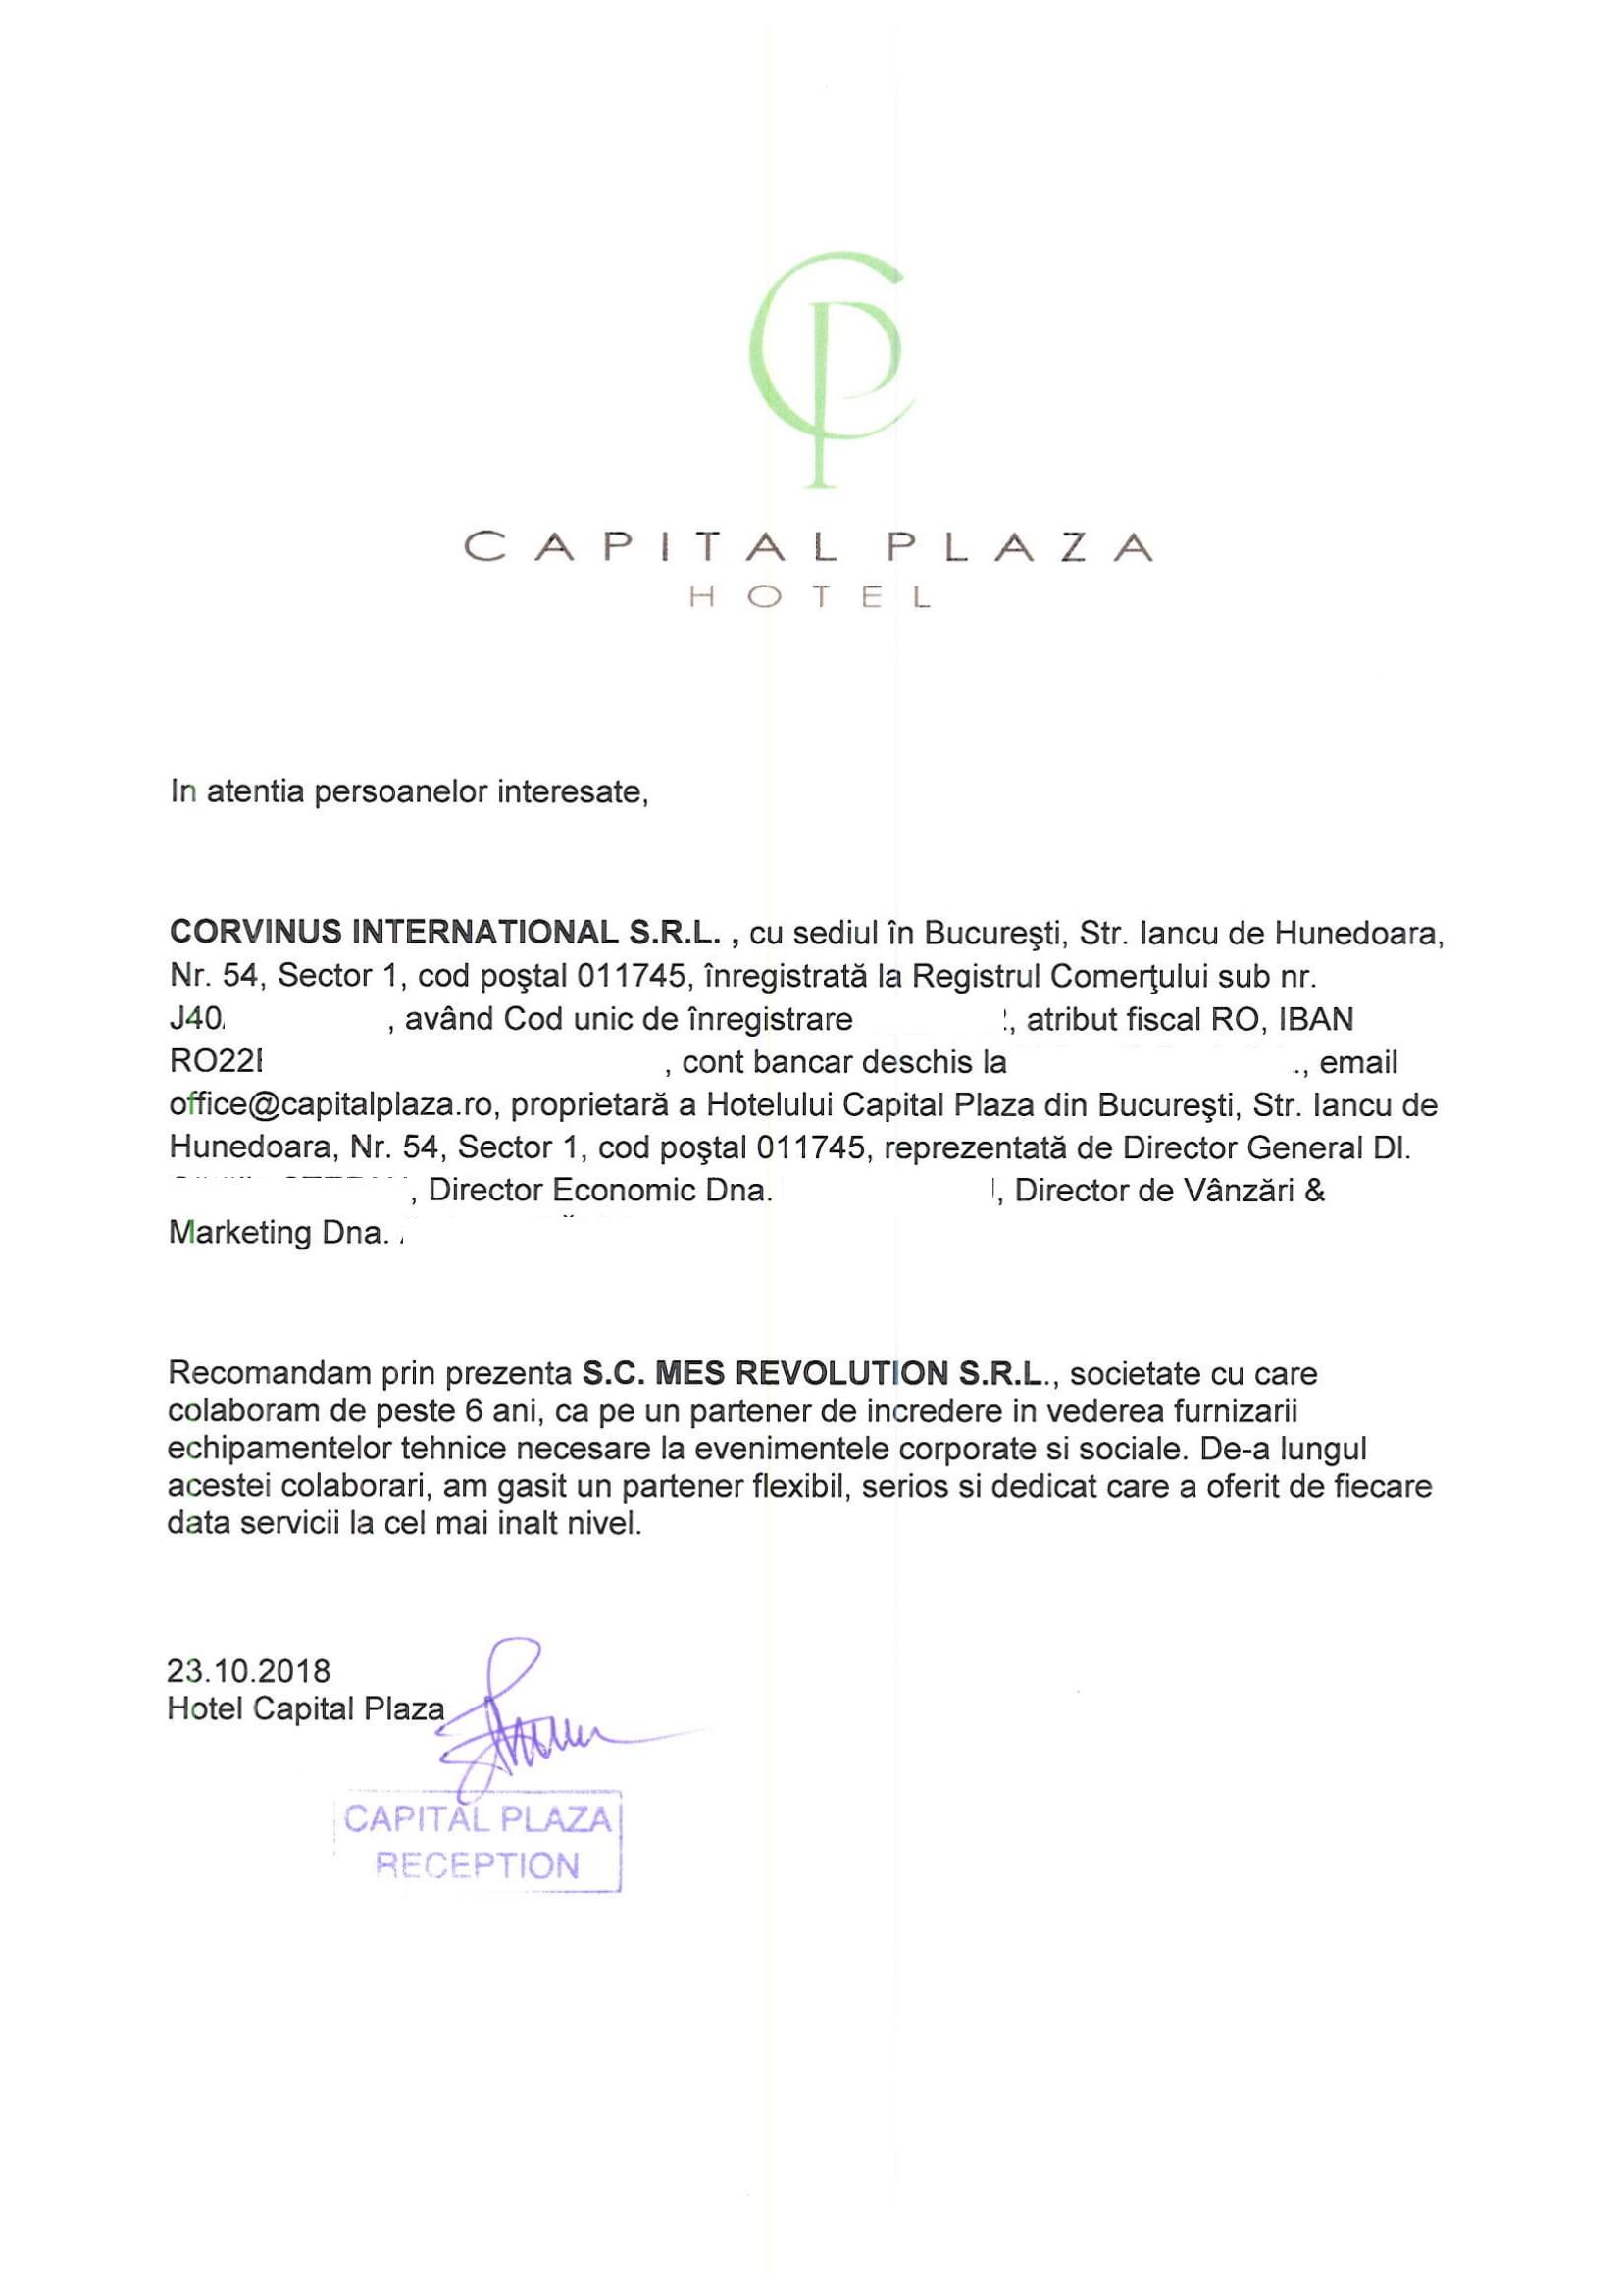 2. Hotel Capital Plaza Bucuresti